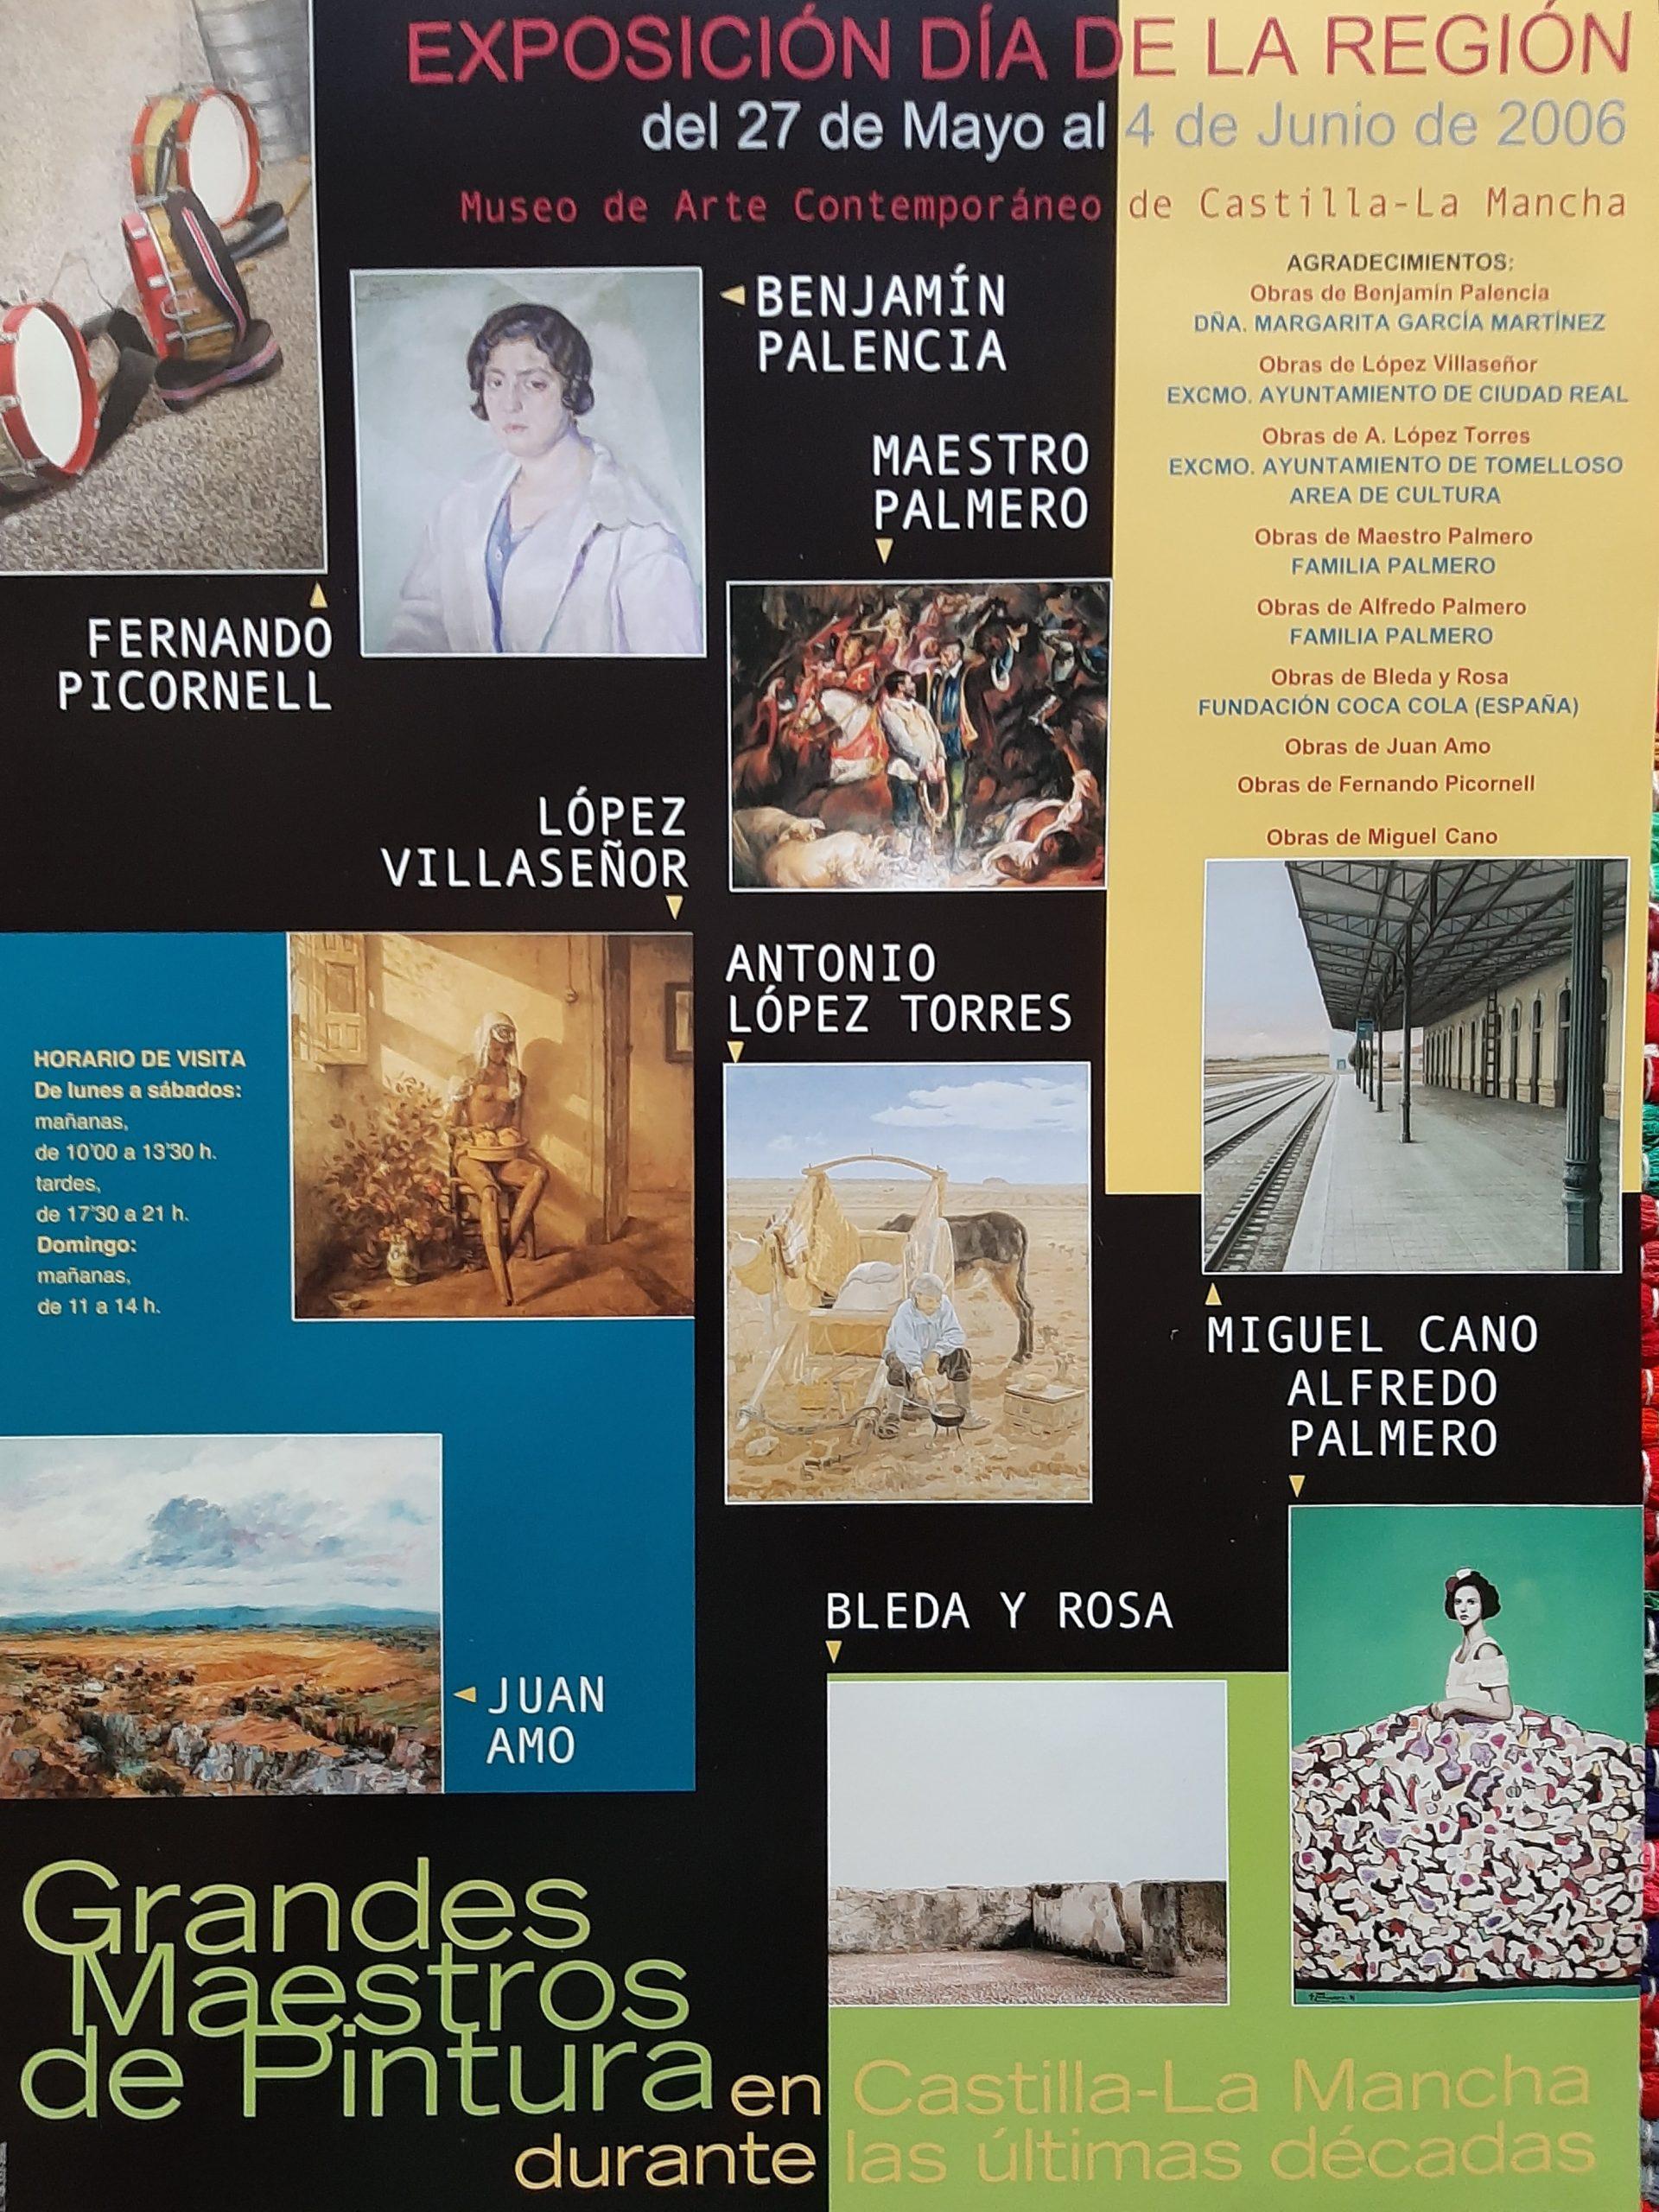 Exposición Grandes Maestros de Pintura en Castilla - La Mancha durante las ultimas décadas. (2006)